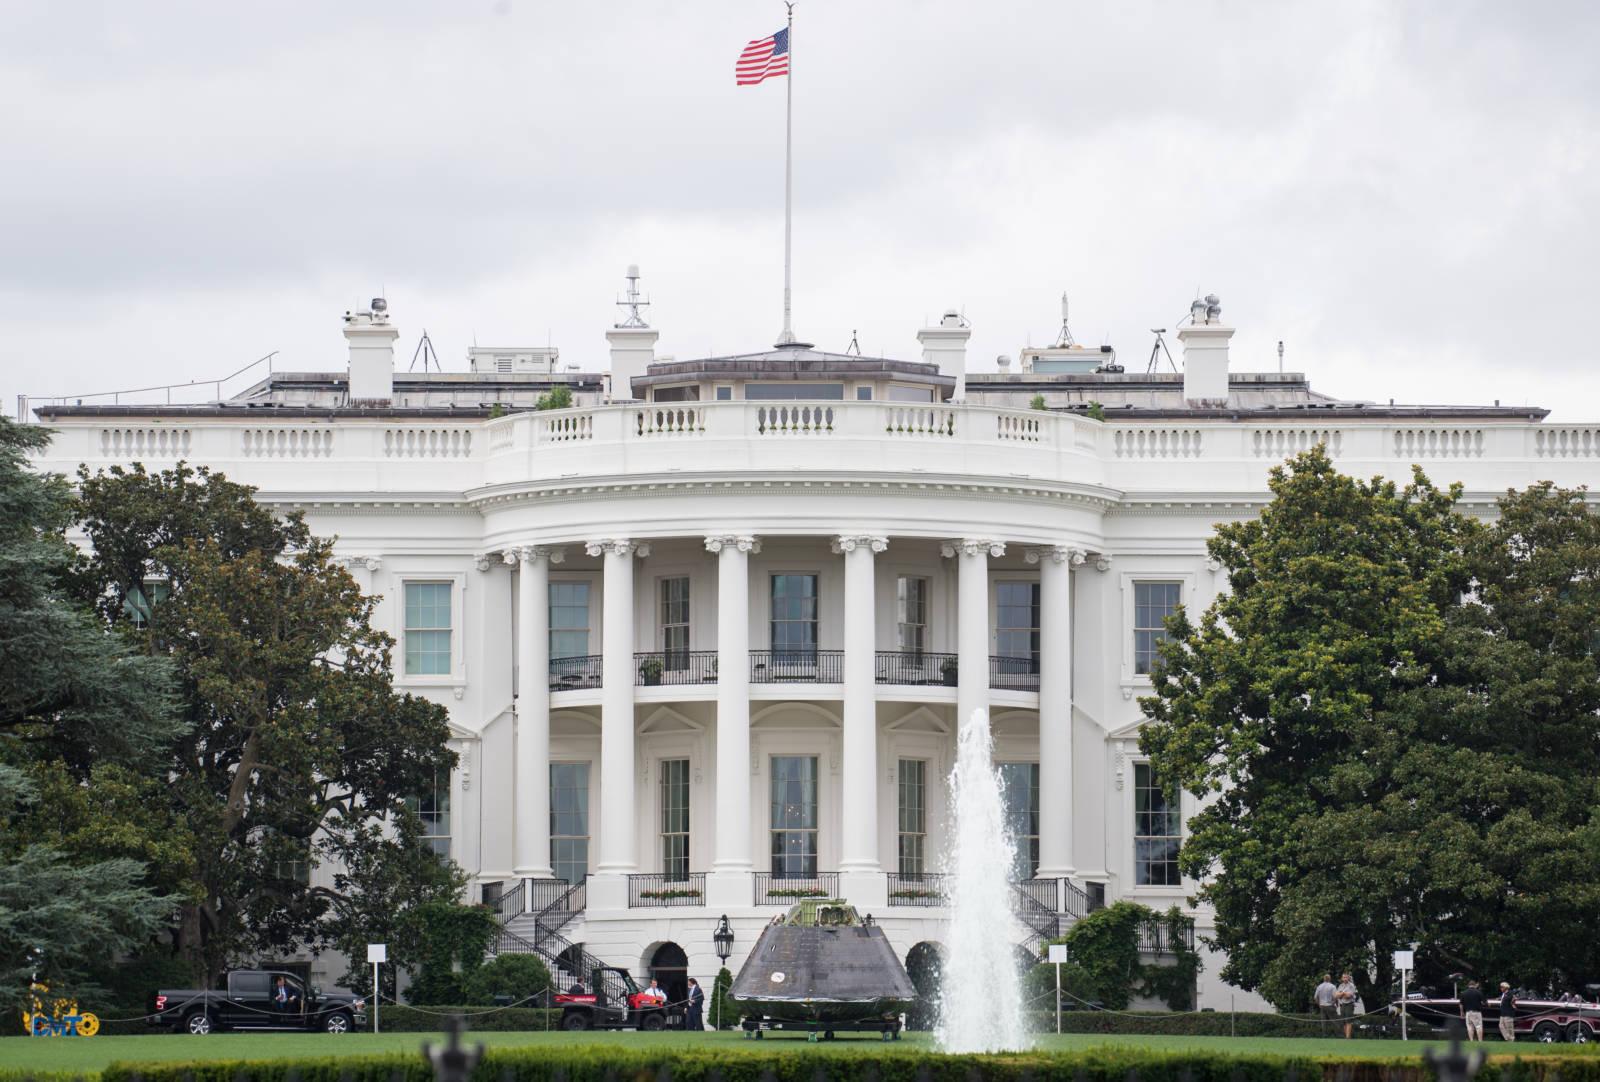 Relacja z wizyty studyjnej Instytut Wolności w Waszyngtonie oraz raport na temat dobrych praktyk z działalności think–tanków w USA